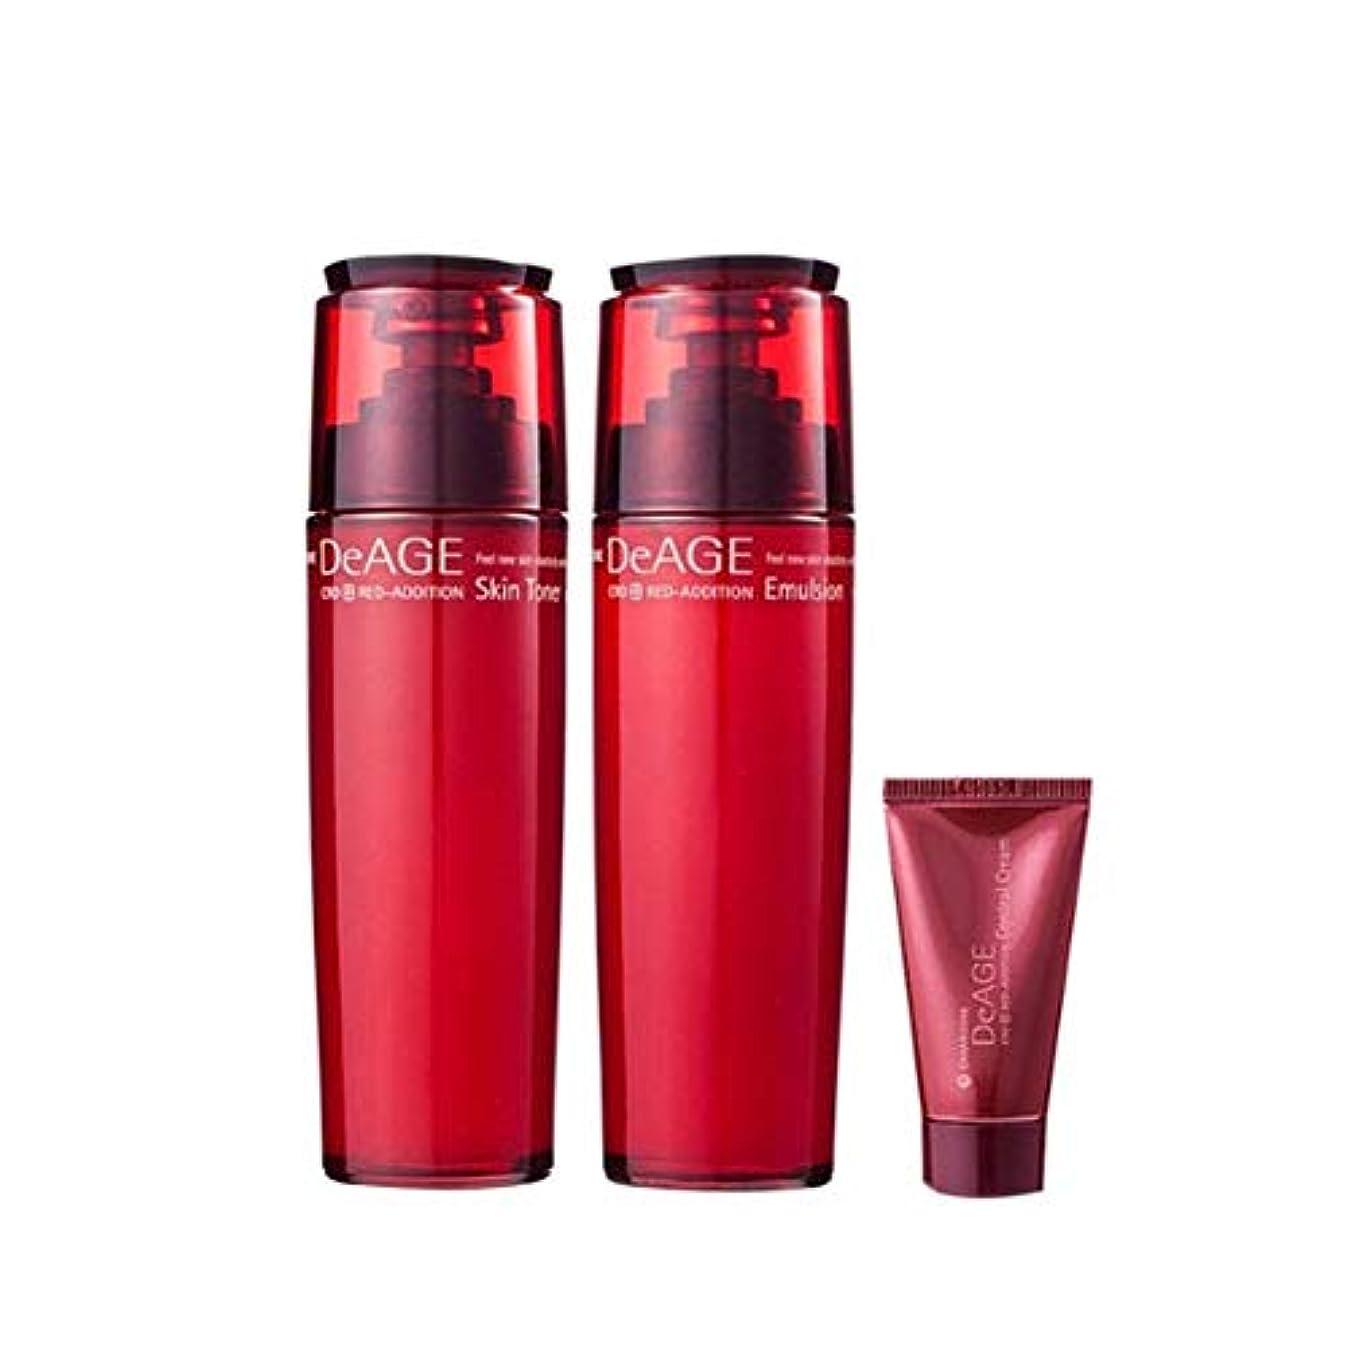 政権アジア地質学チャムジョンディエイジレッドエディションセット(スキントナー130ml、エマルジョン130ml、コントロールクリーム15ml)、Charmzone DeAGE Red Addition Set(Skin Toner 130ml...